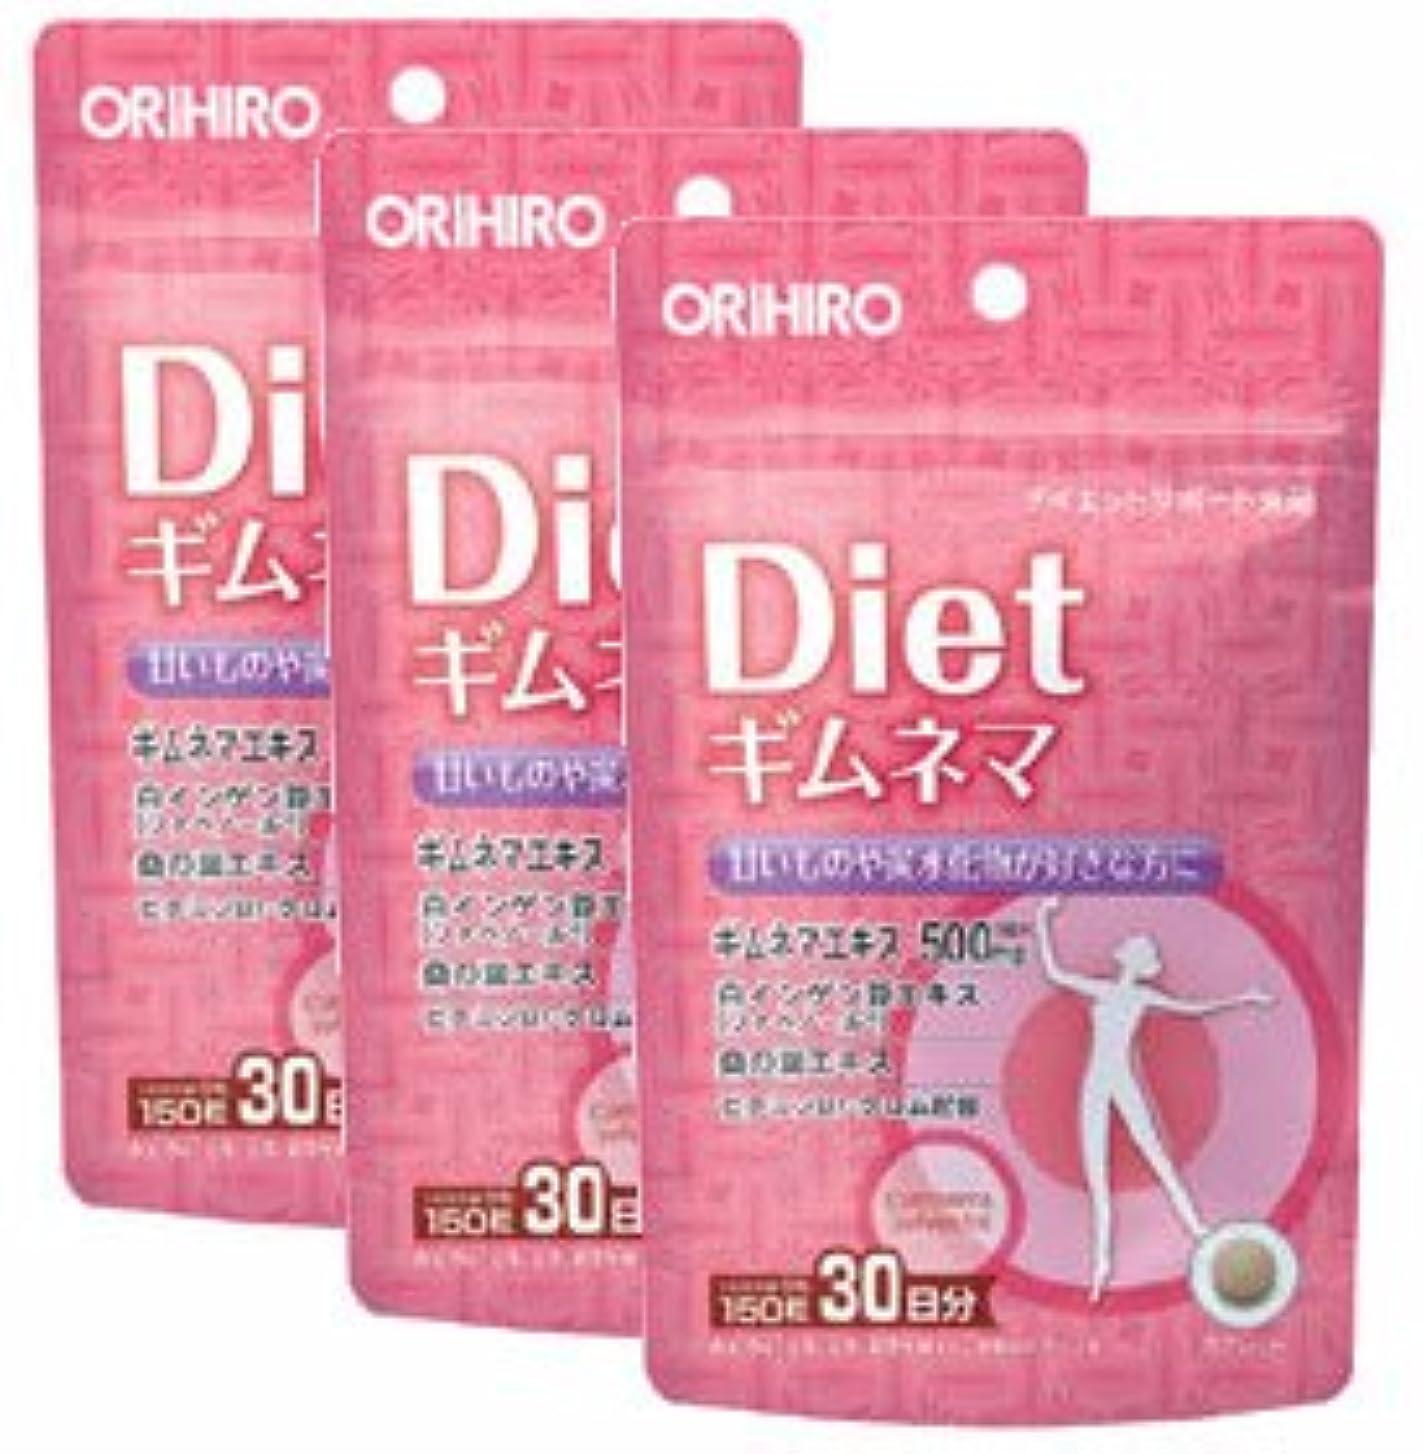 安らぎ和らげる変色するDietギムネマ PD【3袋セット】オリヒロ